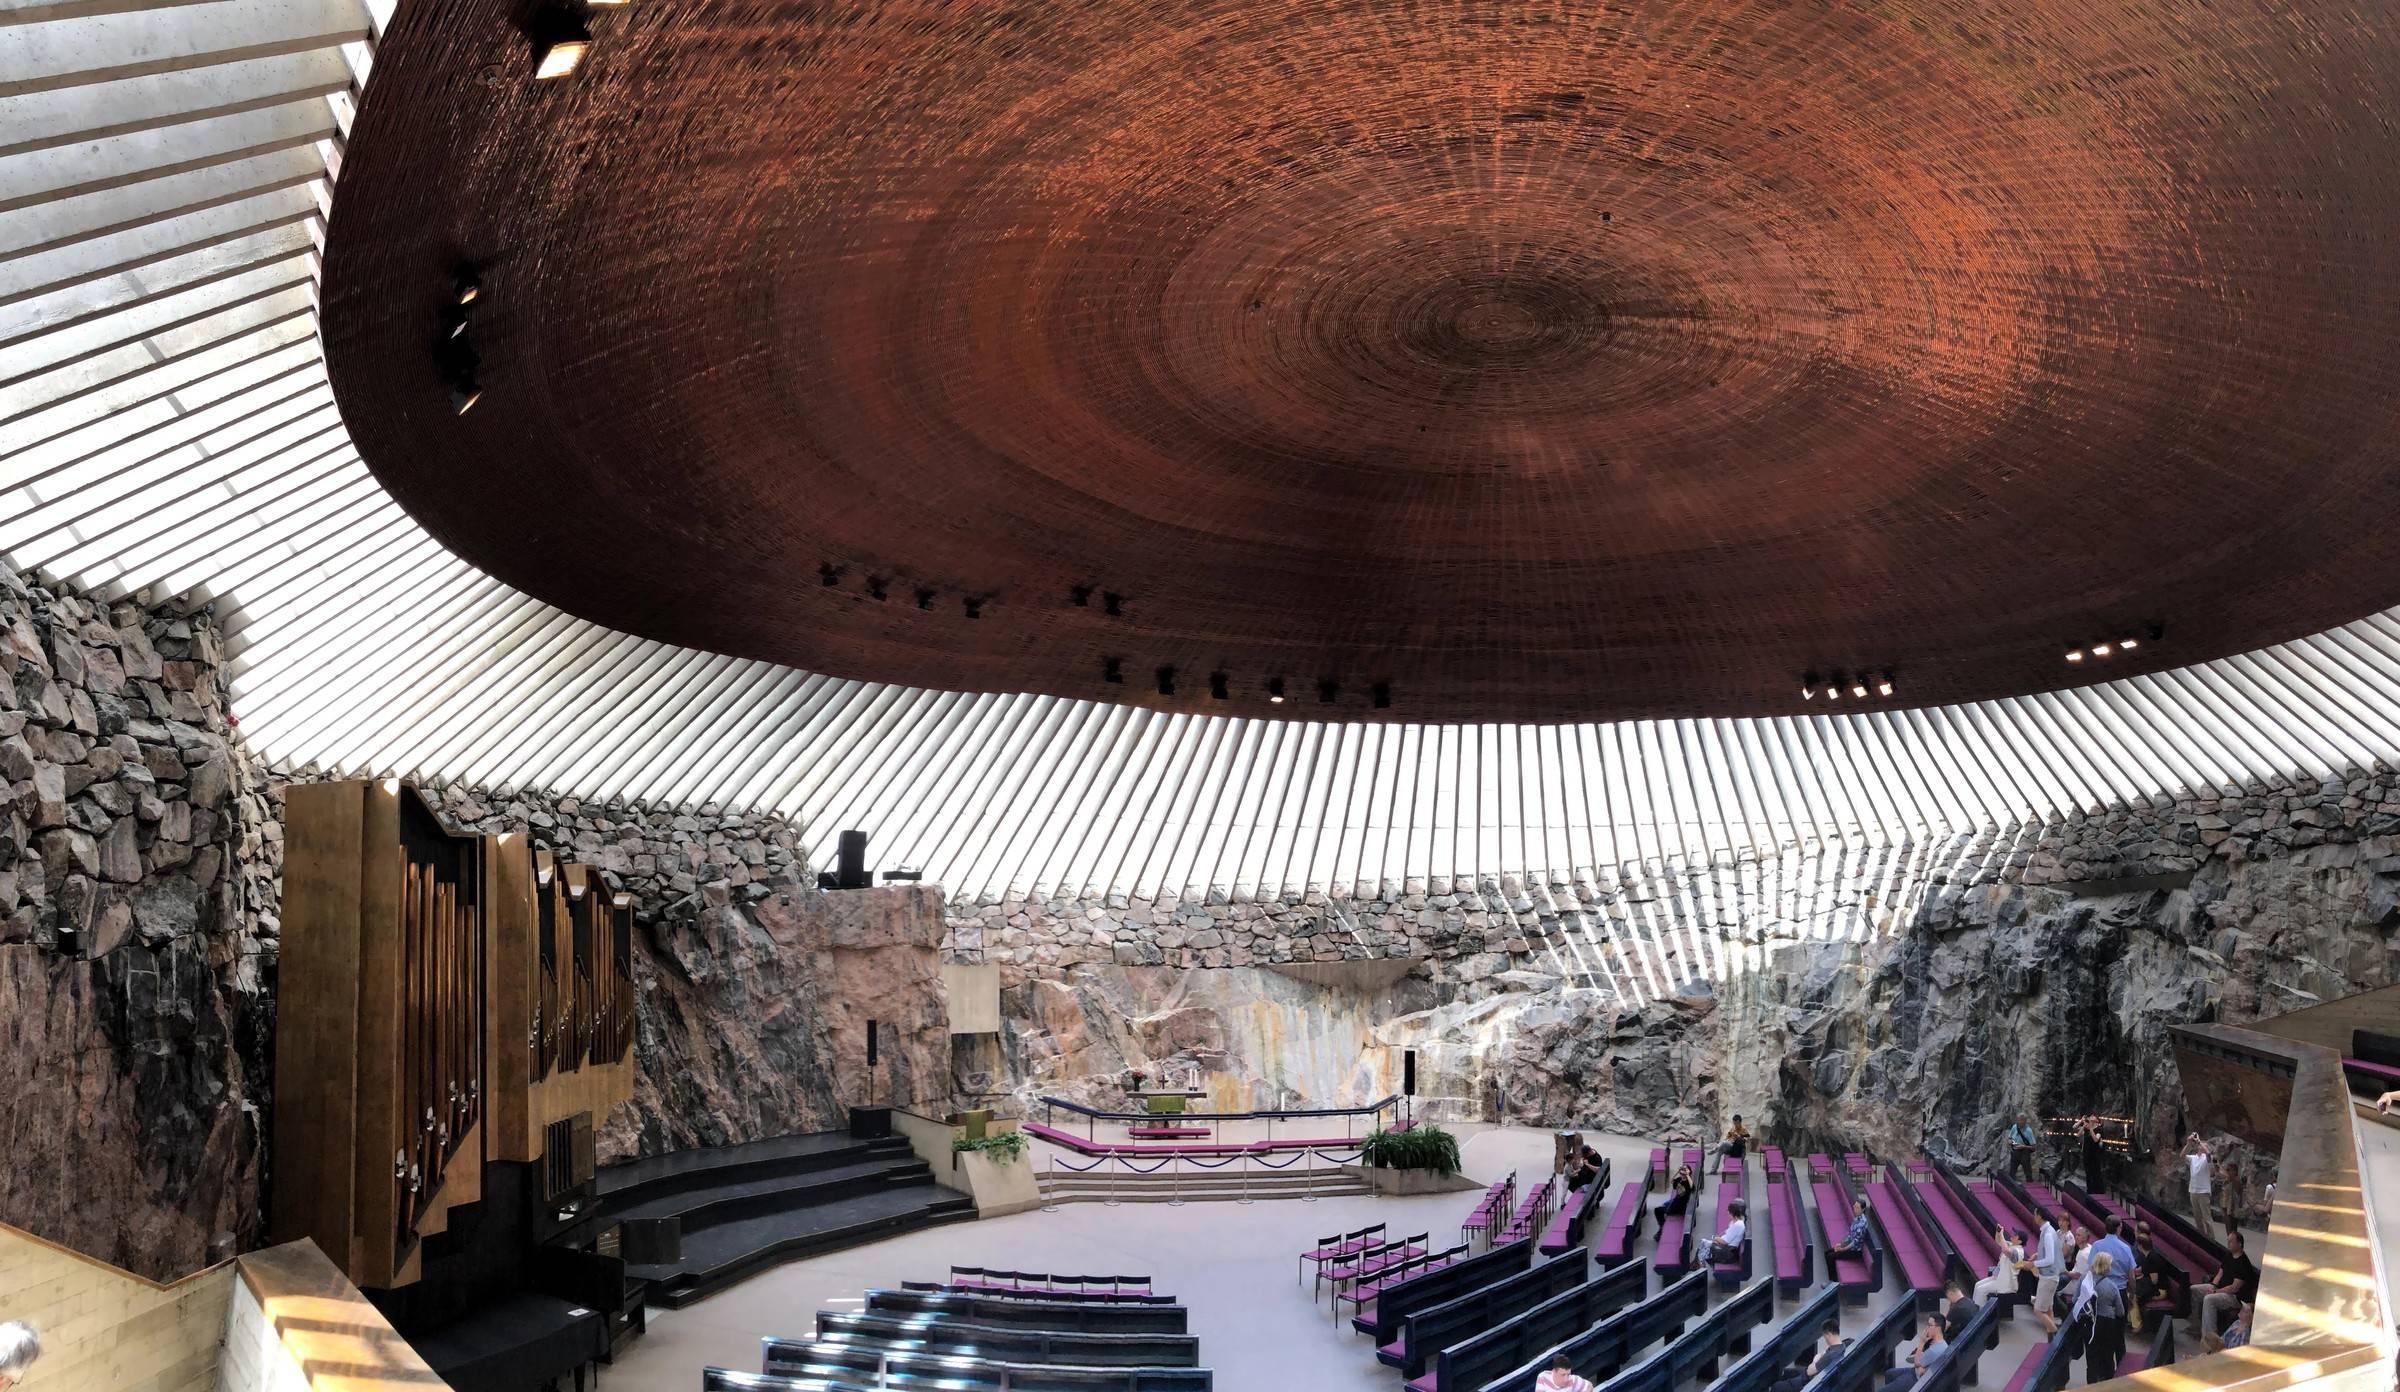 Необычная достопримечательность хельсинки - церковь в скале: описание, как добраться